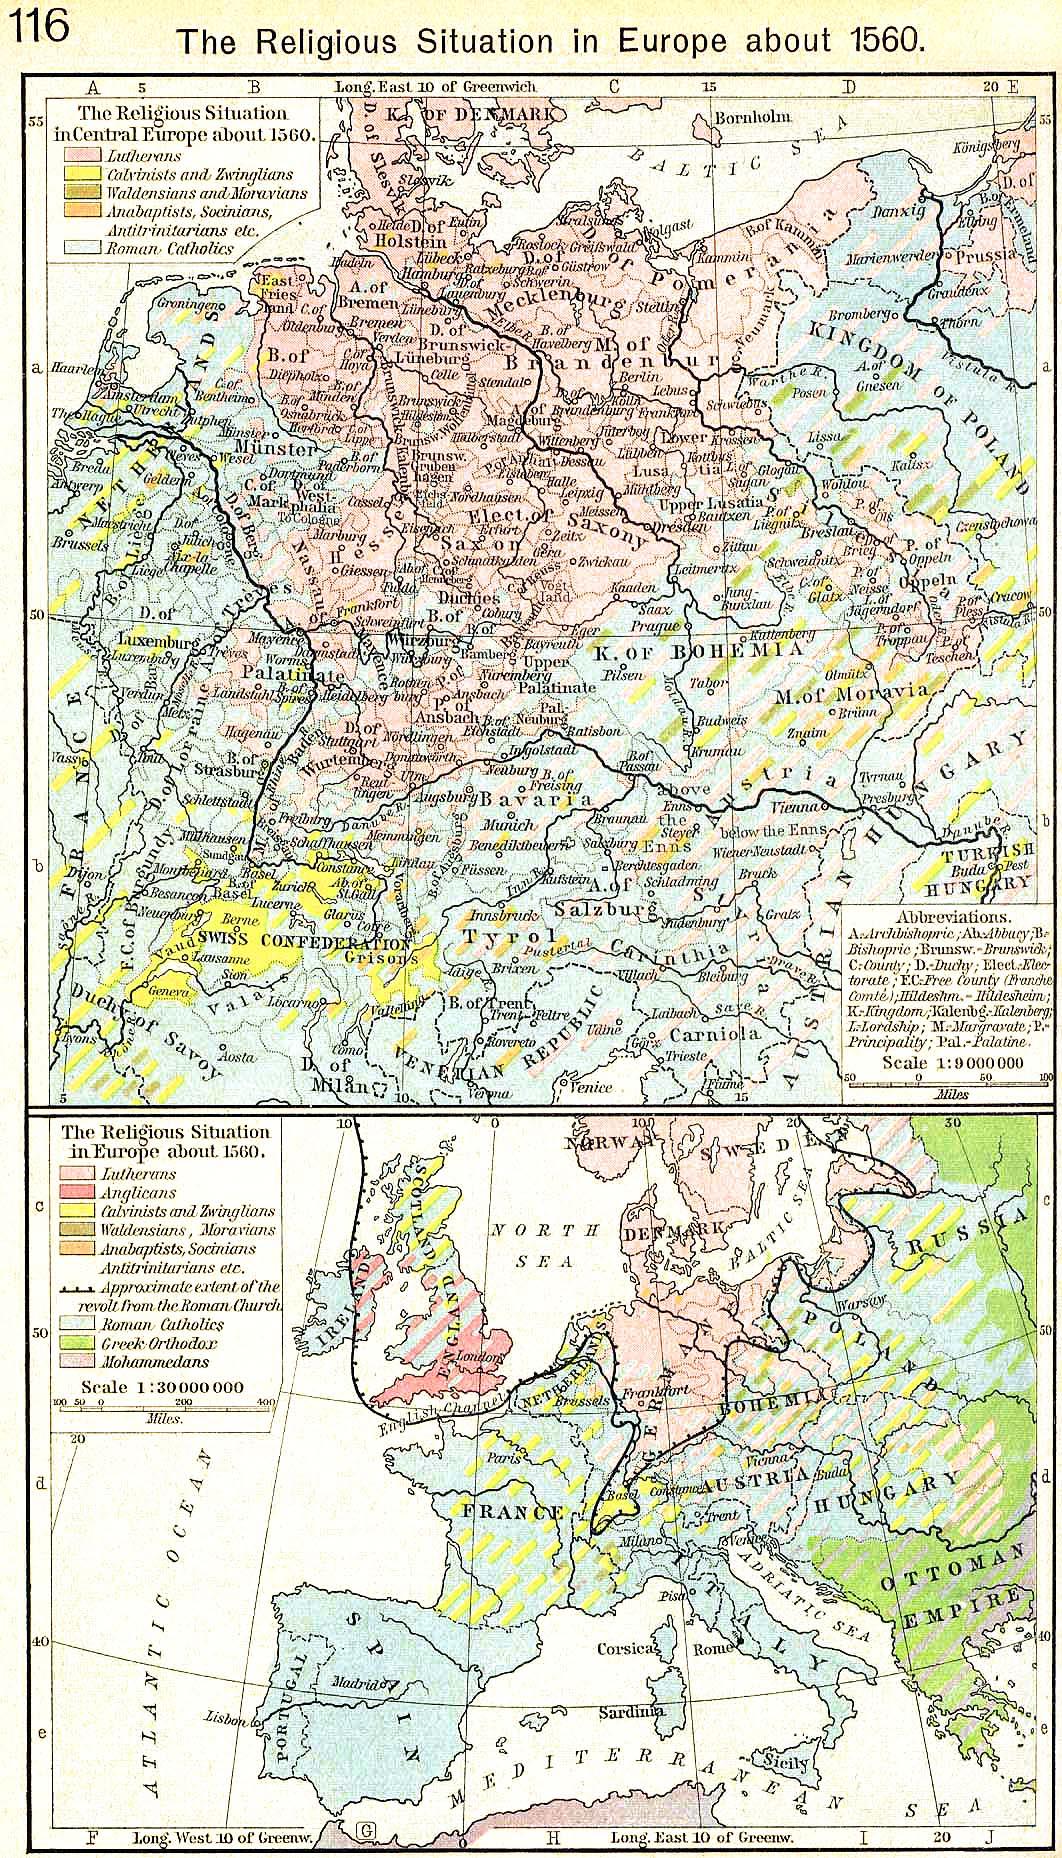 Congress of vienna 1815 essay help